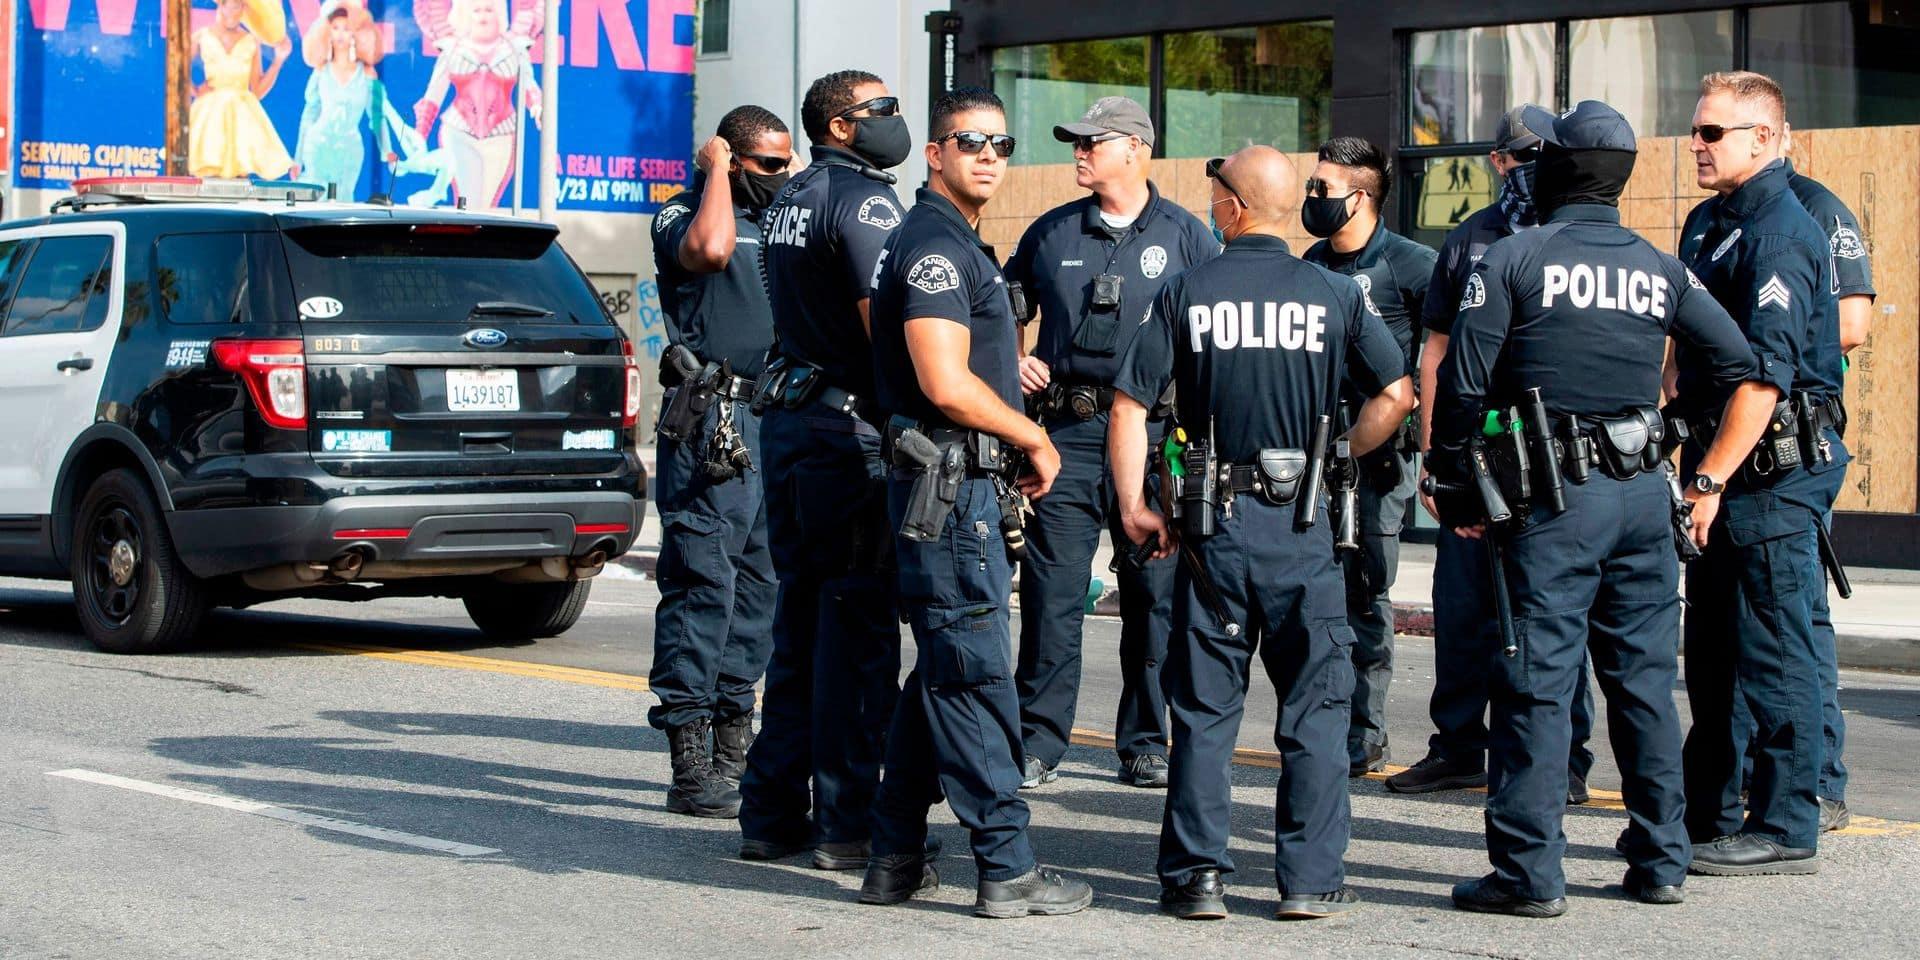 La police américaine abat un homme à genoux